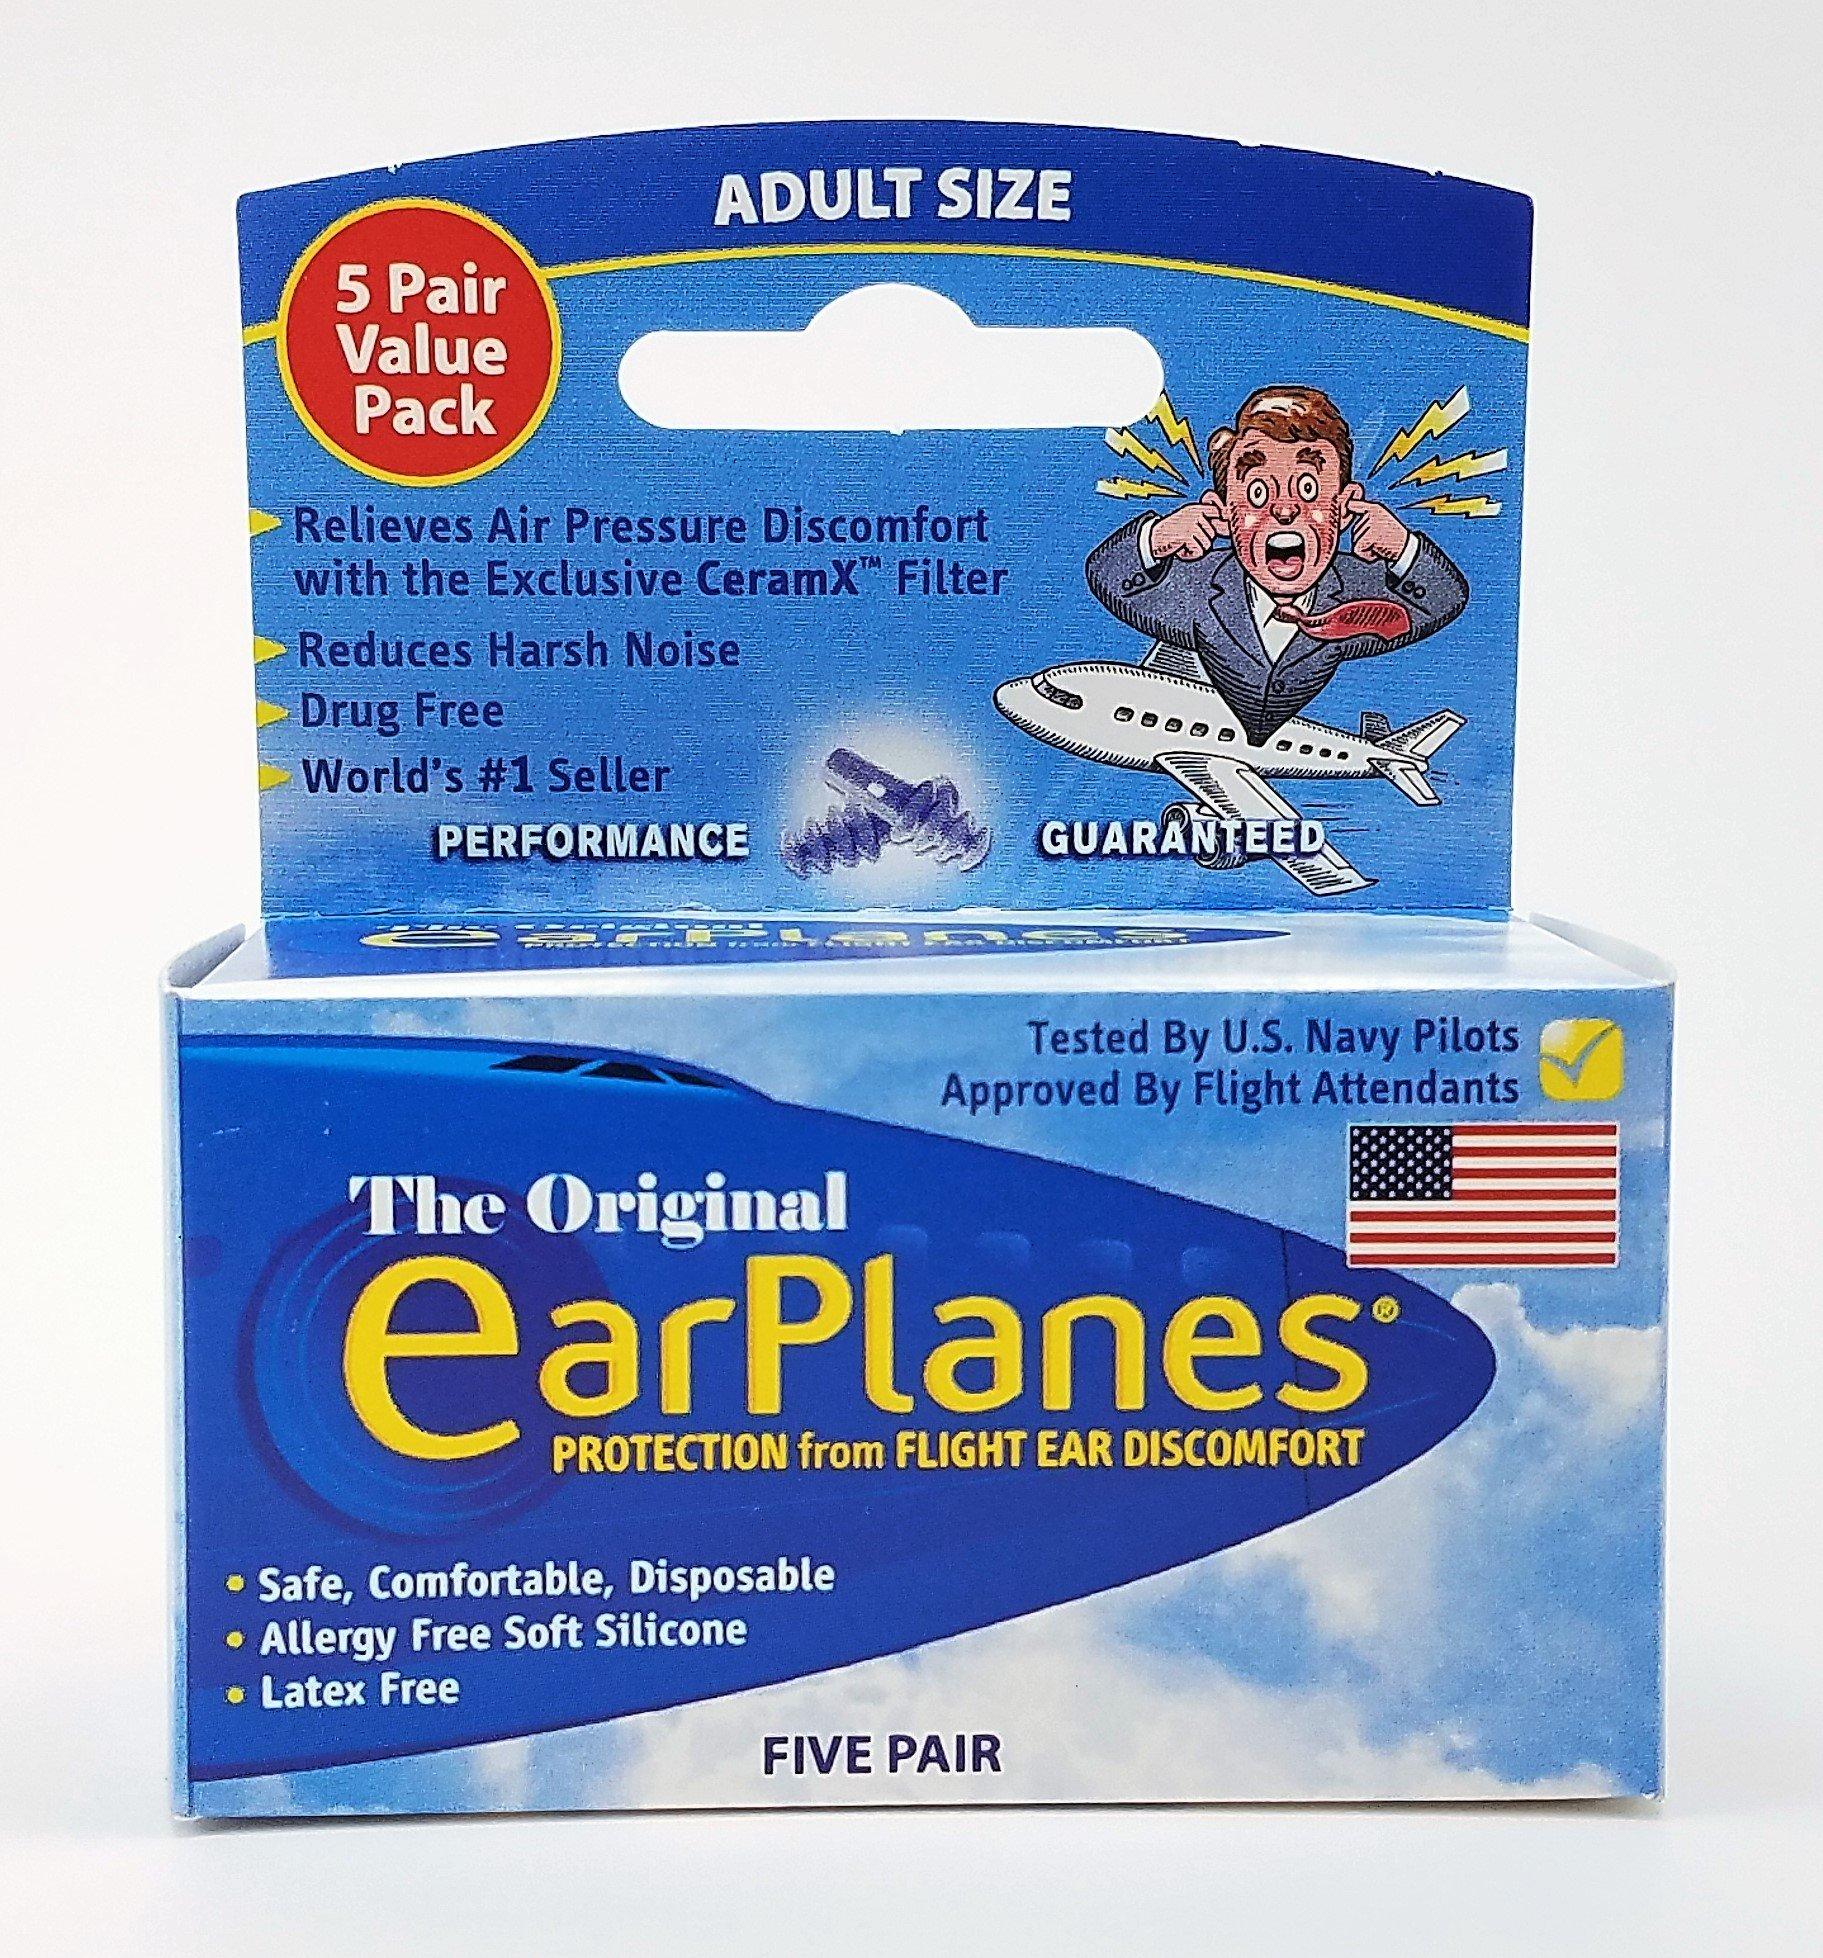 EarPlanes Ear Plugs 1 Pair (Pack of 5)